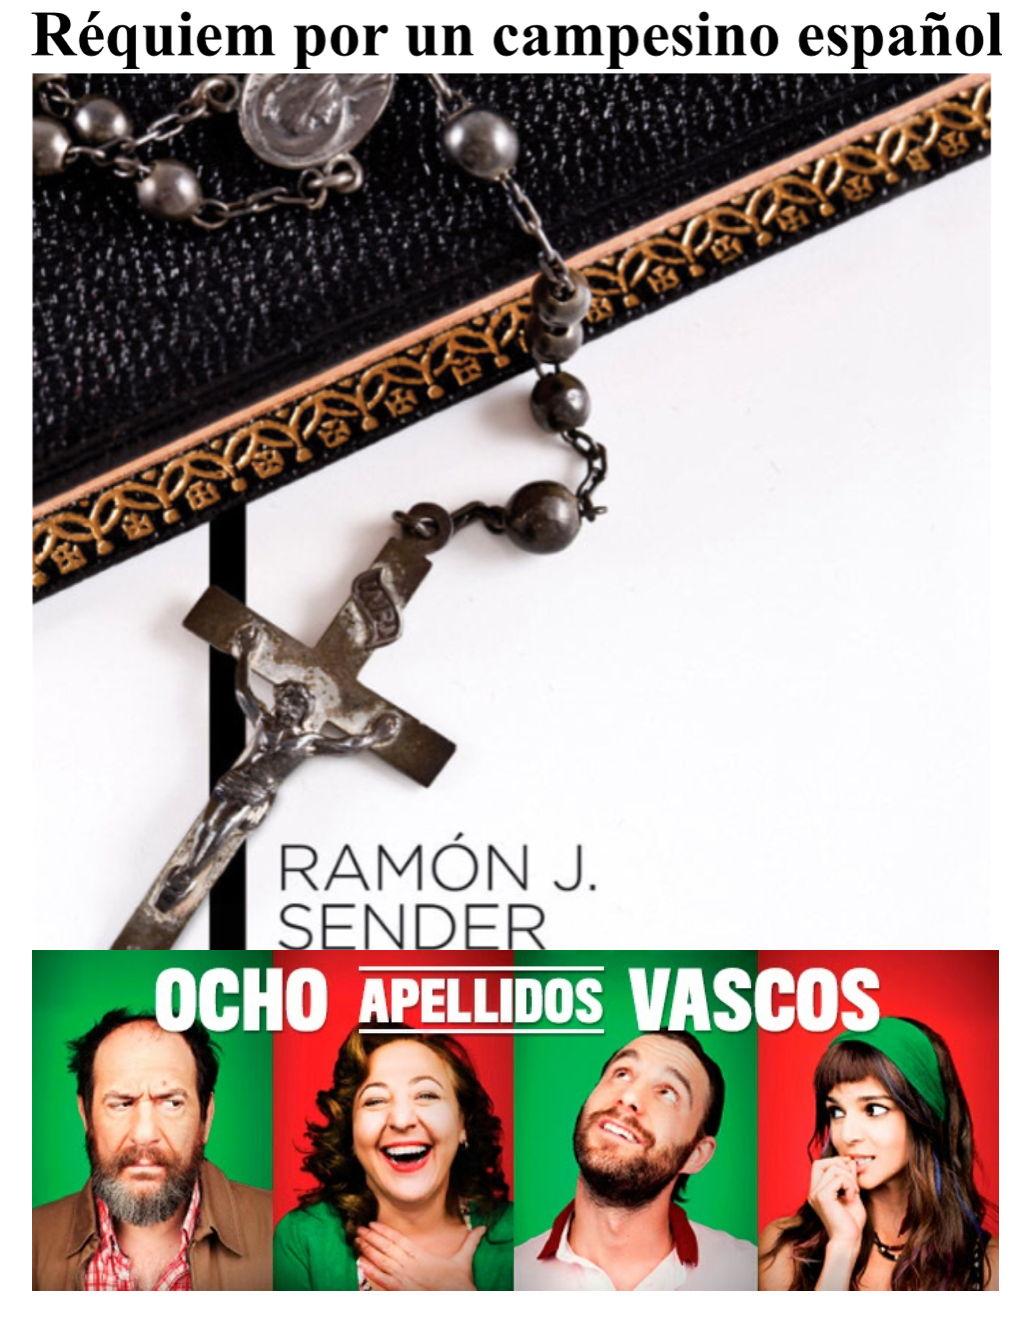 New Spanish A Level: Paper 2 (writing) support bundle: Réquiem por un campesino español and Ocho apellidos vascos